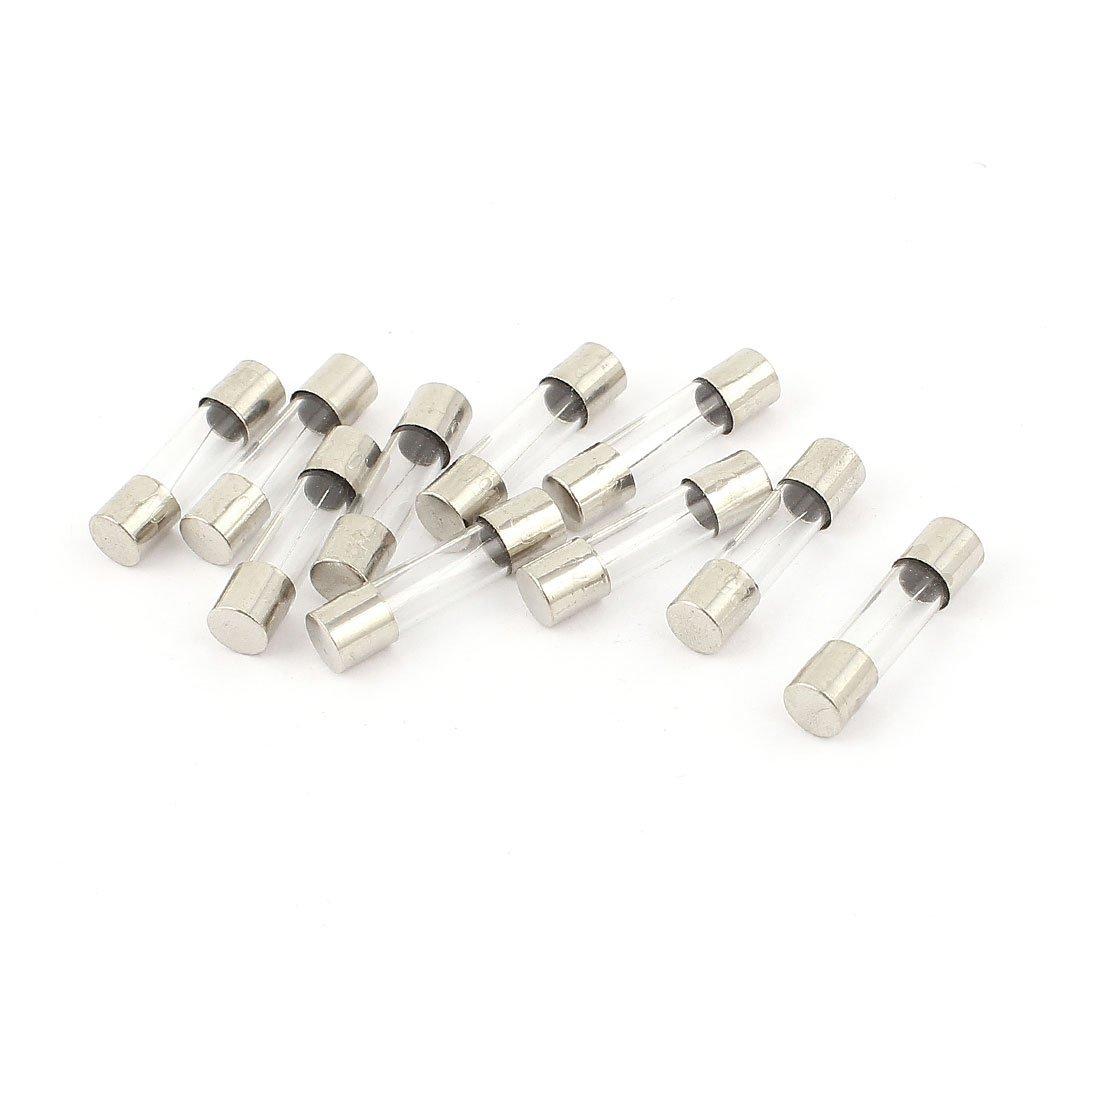 fusion rapide fusibles verre Tubes action rapide 5mm x 20mm sourcingmap/® 10Pcs 250V 4A